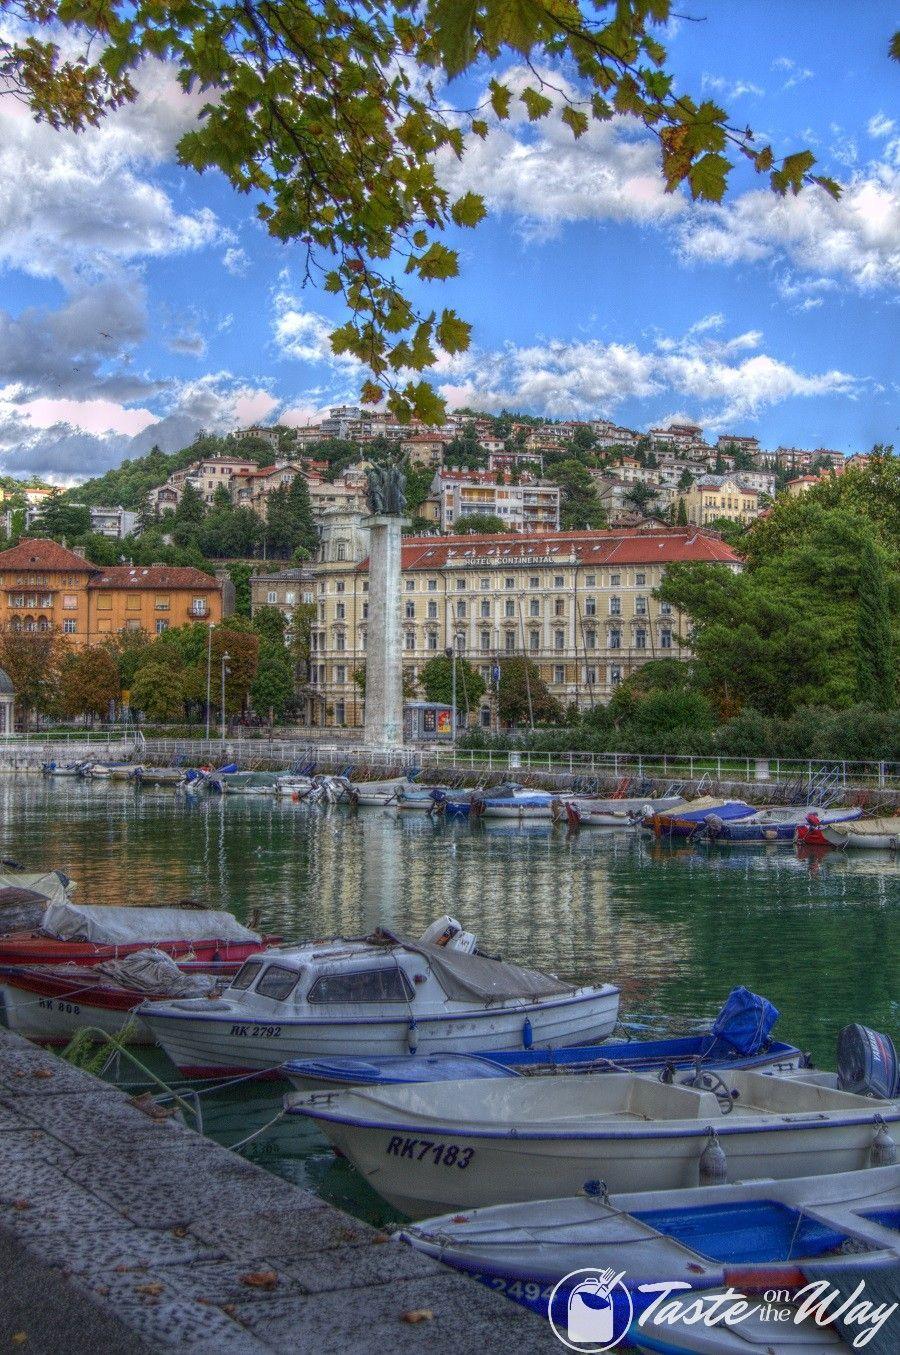 Top 8 Reasons To Add Rijeka To Your Croatia Itinerary Croatia Itinerary Culture Travel Rijeka